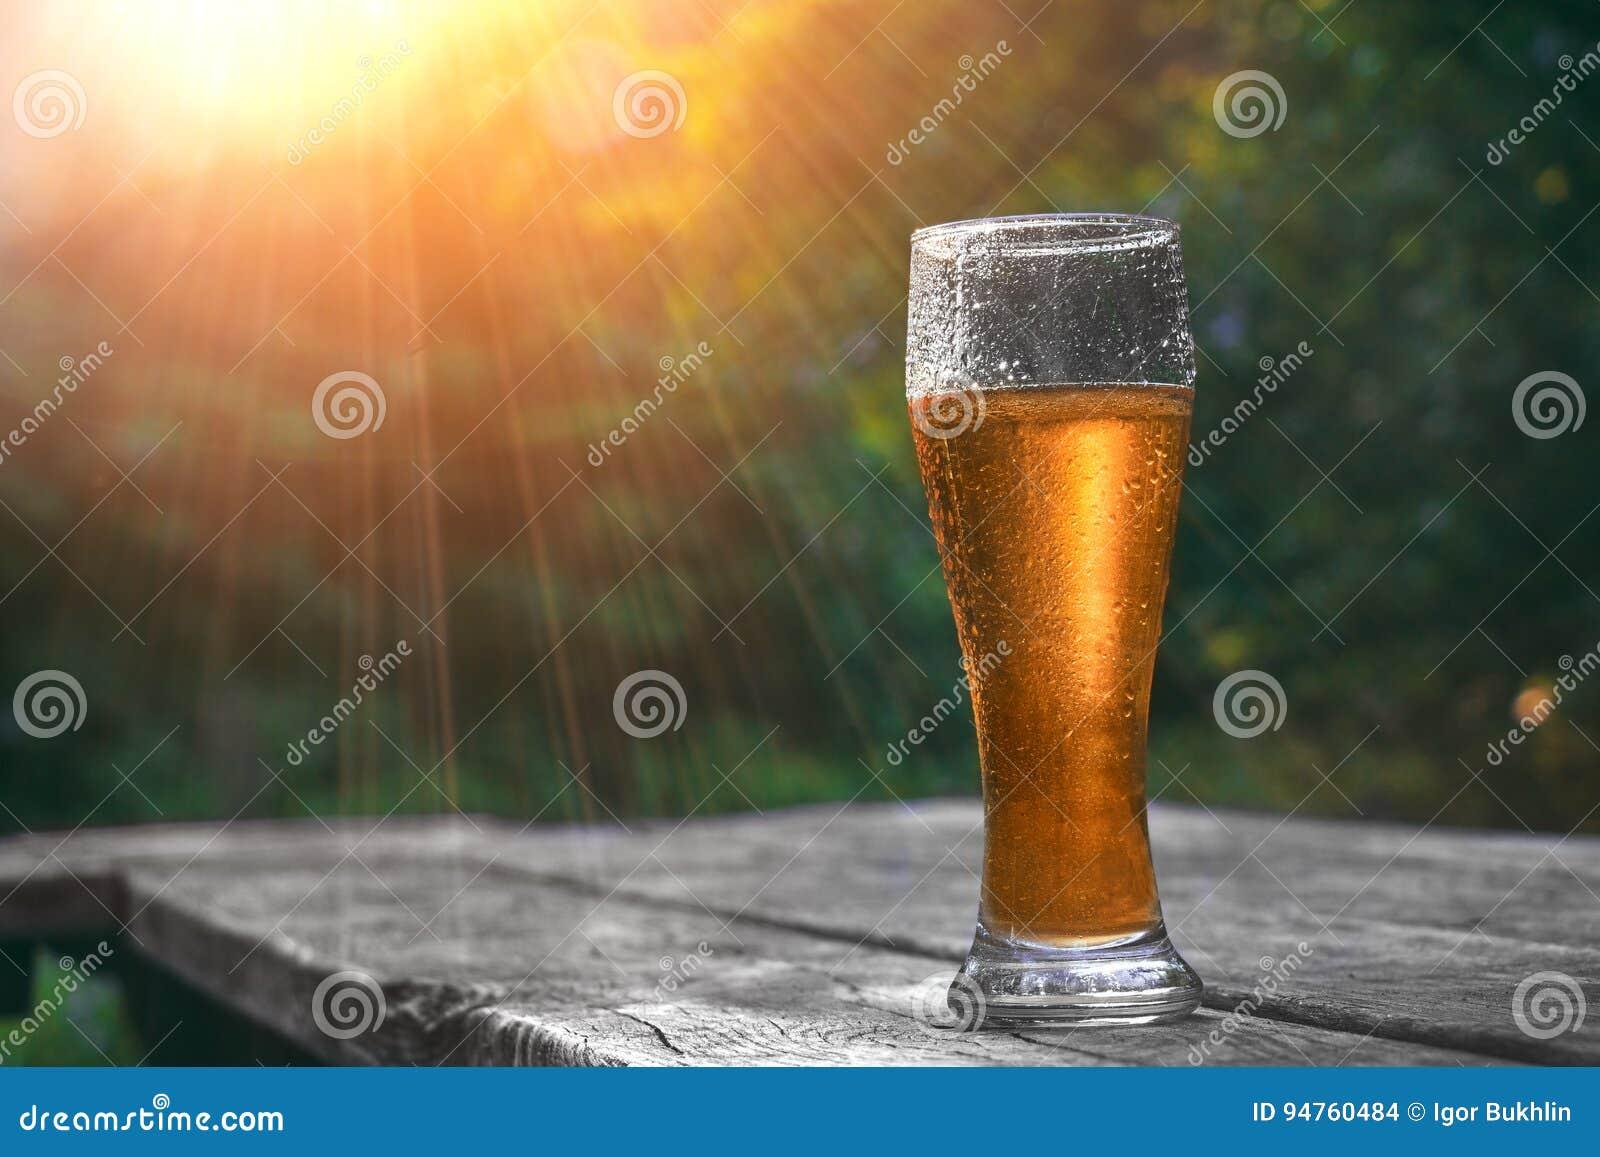 El vidrio de cerveza fría en la tabla de madera en sol irradia en el fondo de la naturaleza Todavía vida en la puesta del sol Hum